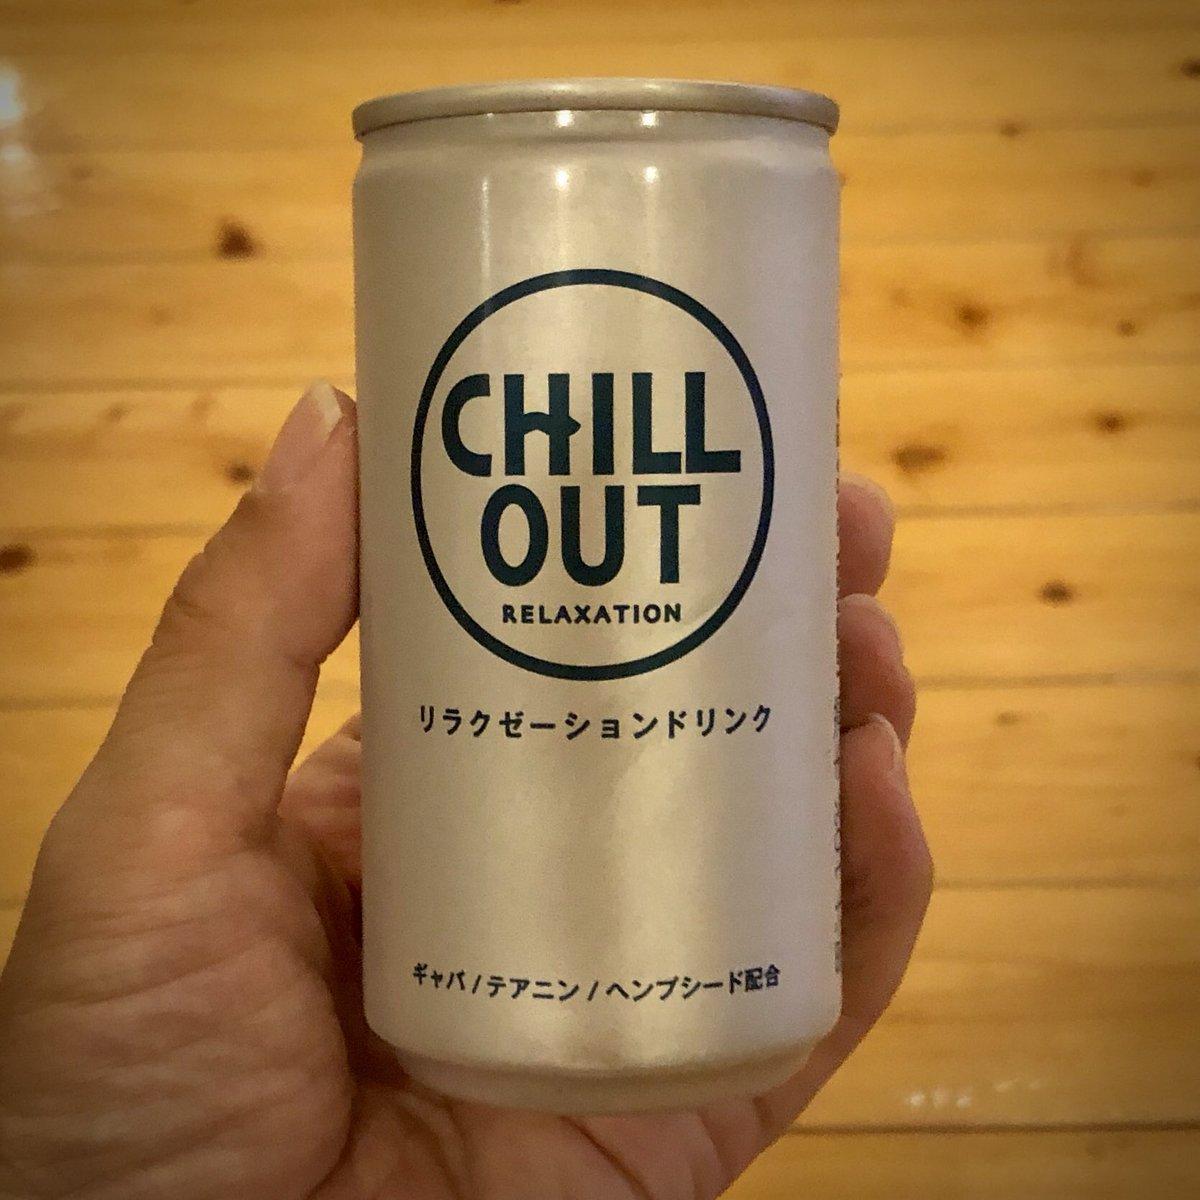 意味 chill